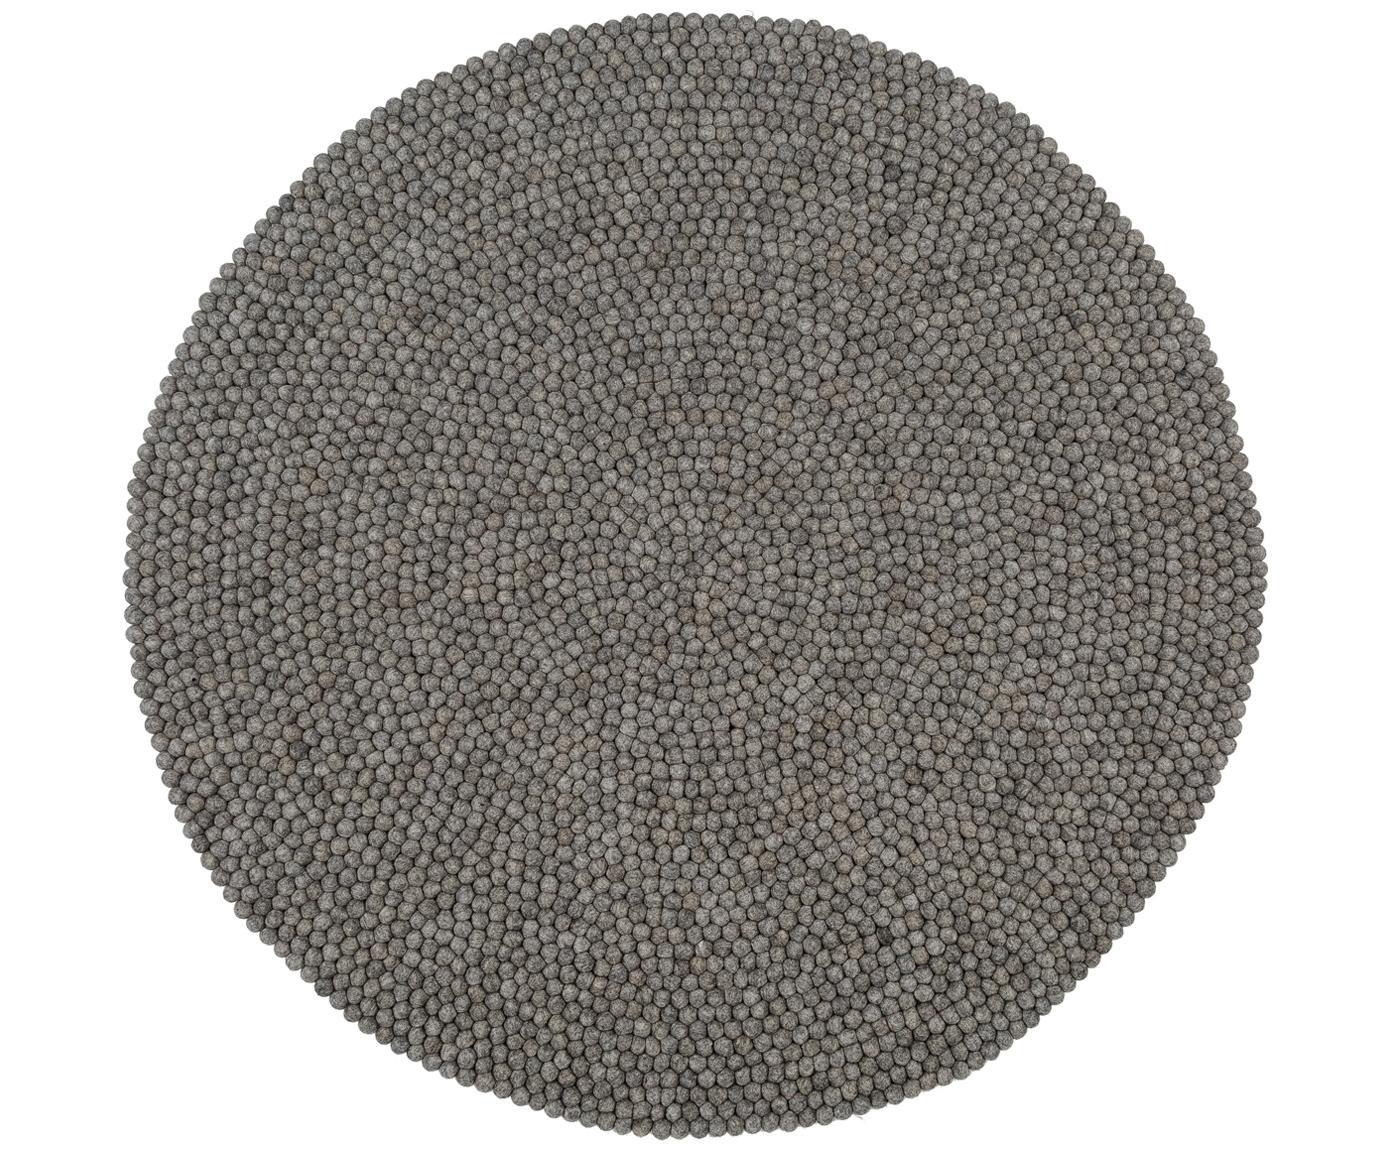 Runder Wollteppich Dot, handgenäht, Stahlgrau, Ø 90 cm (Größe XS)